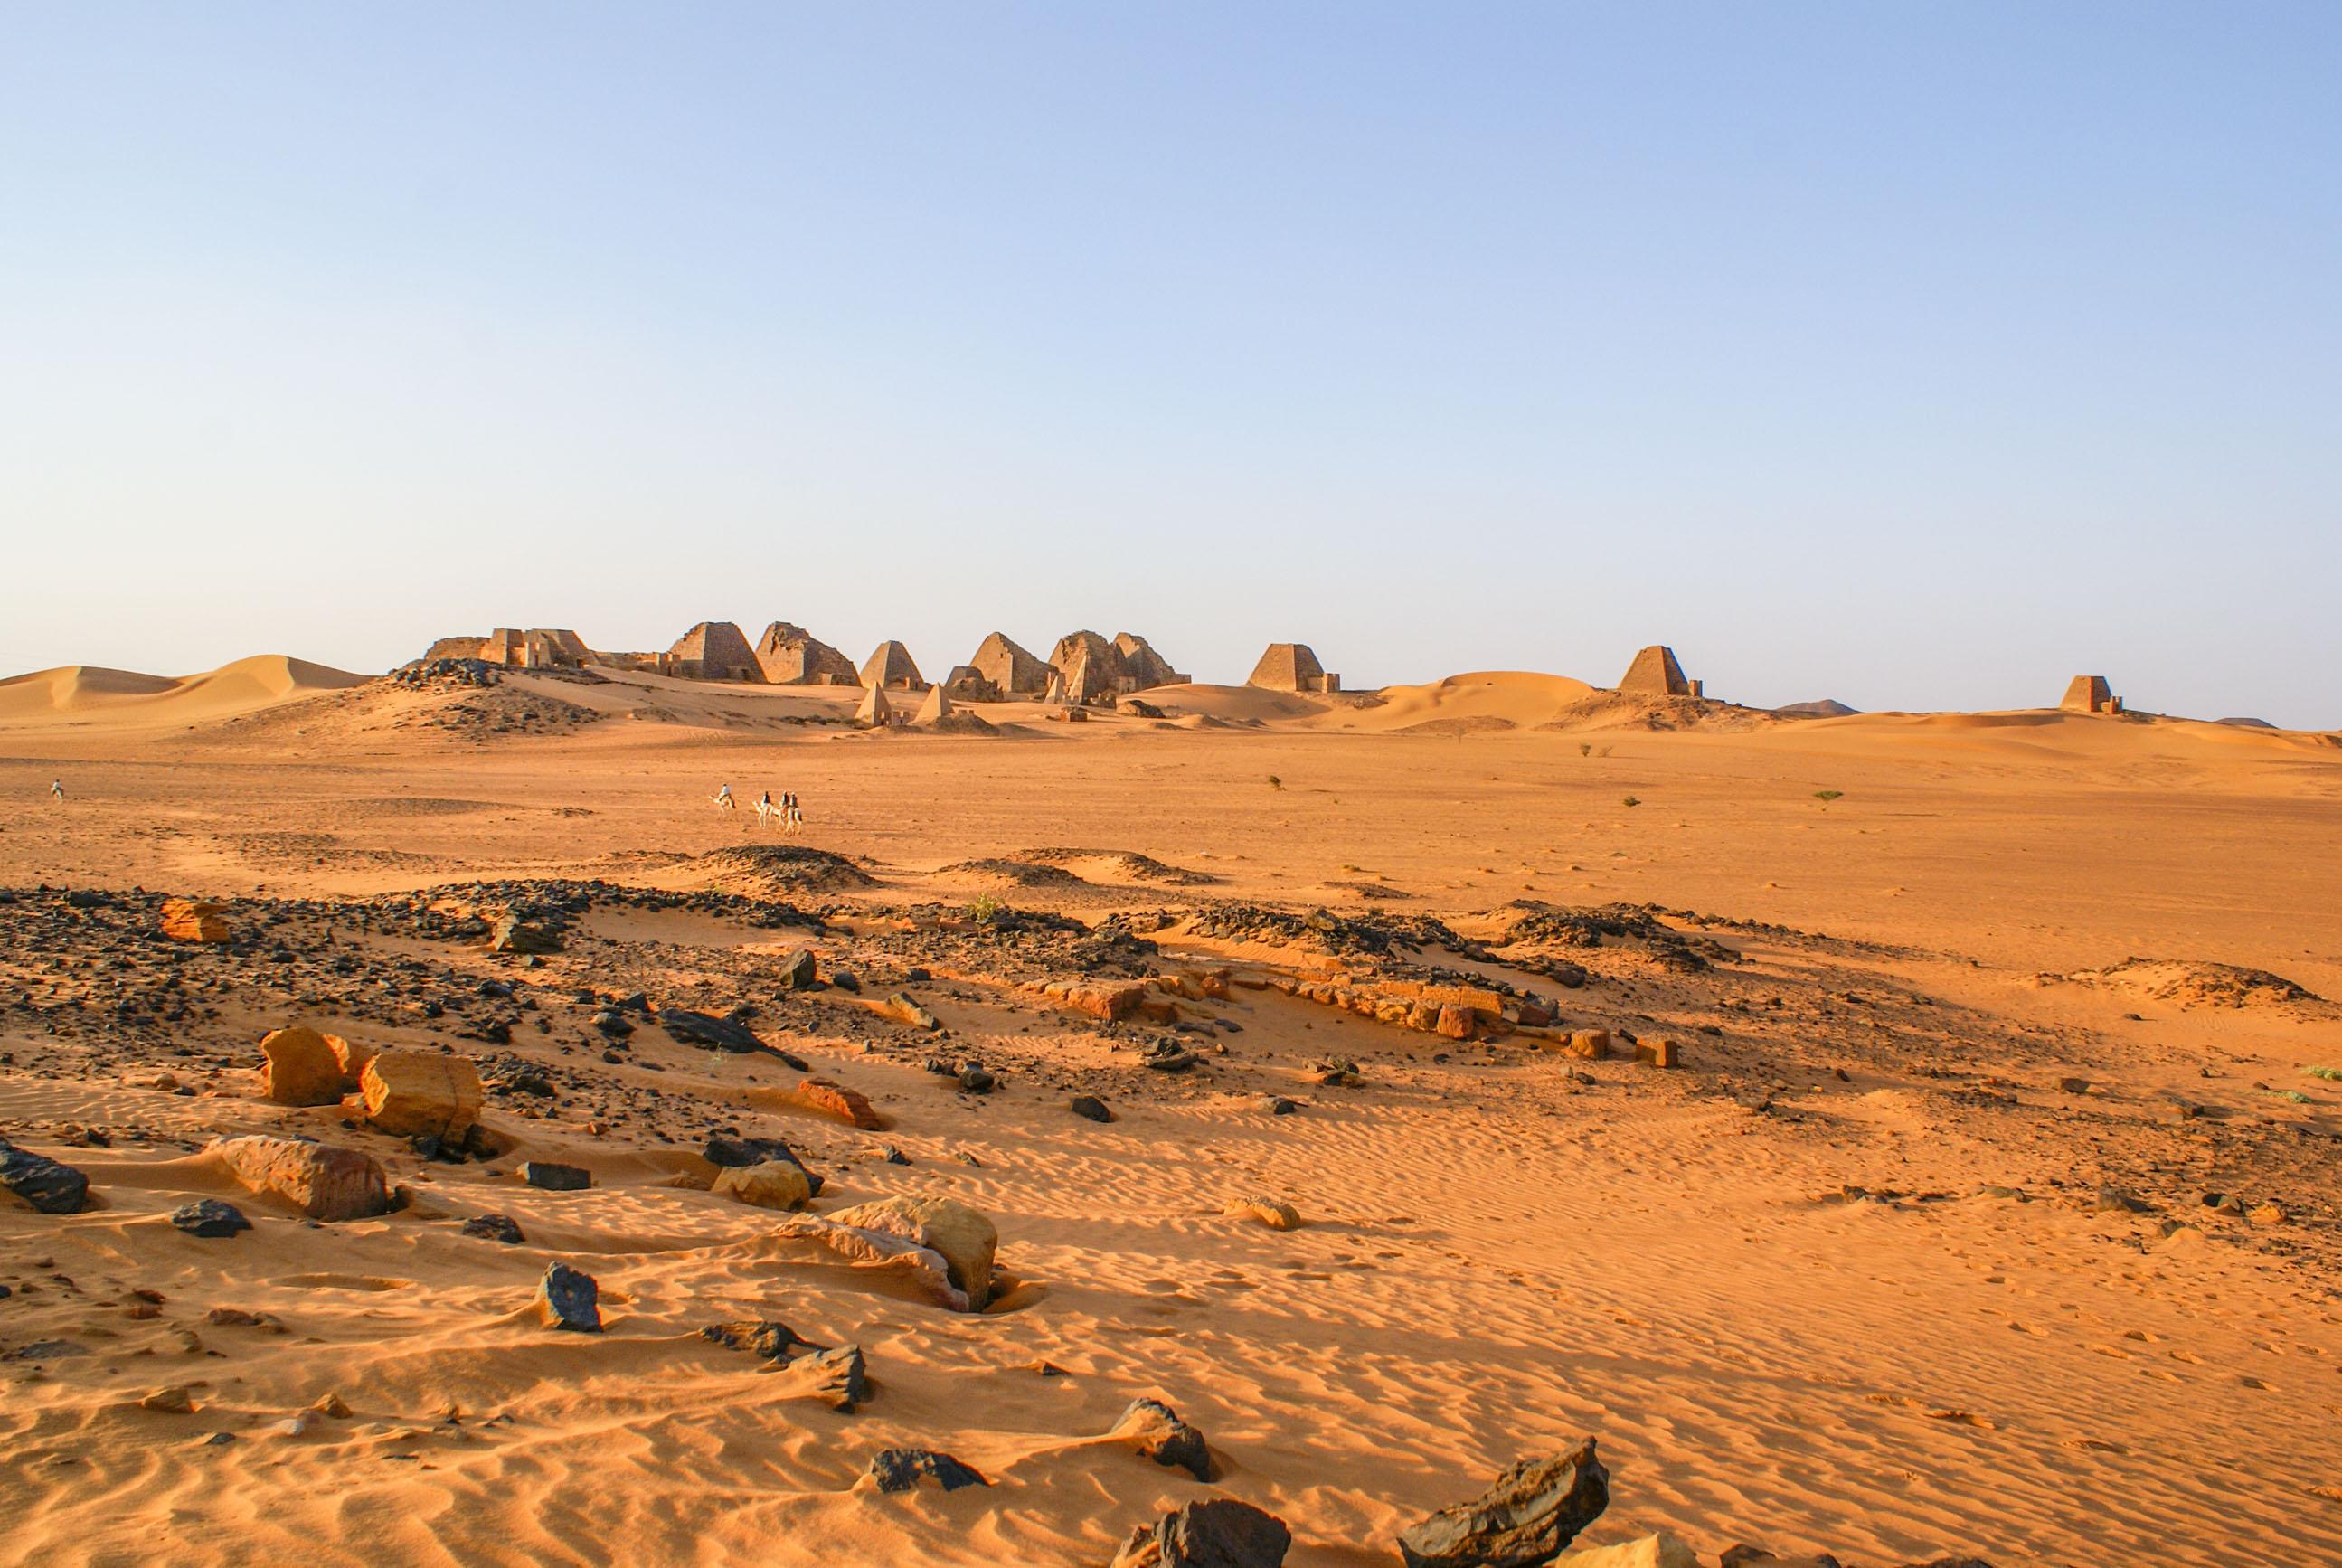 https://bubo.sk/uploads/galleries/17820/lubosfellner_sudan_pyramidy-a-tu-sme-spali-boli-sme-uplne-samy-1-.jpg